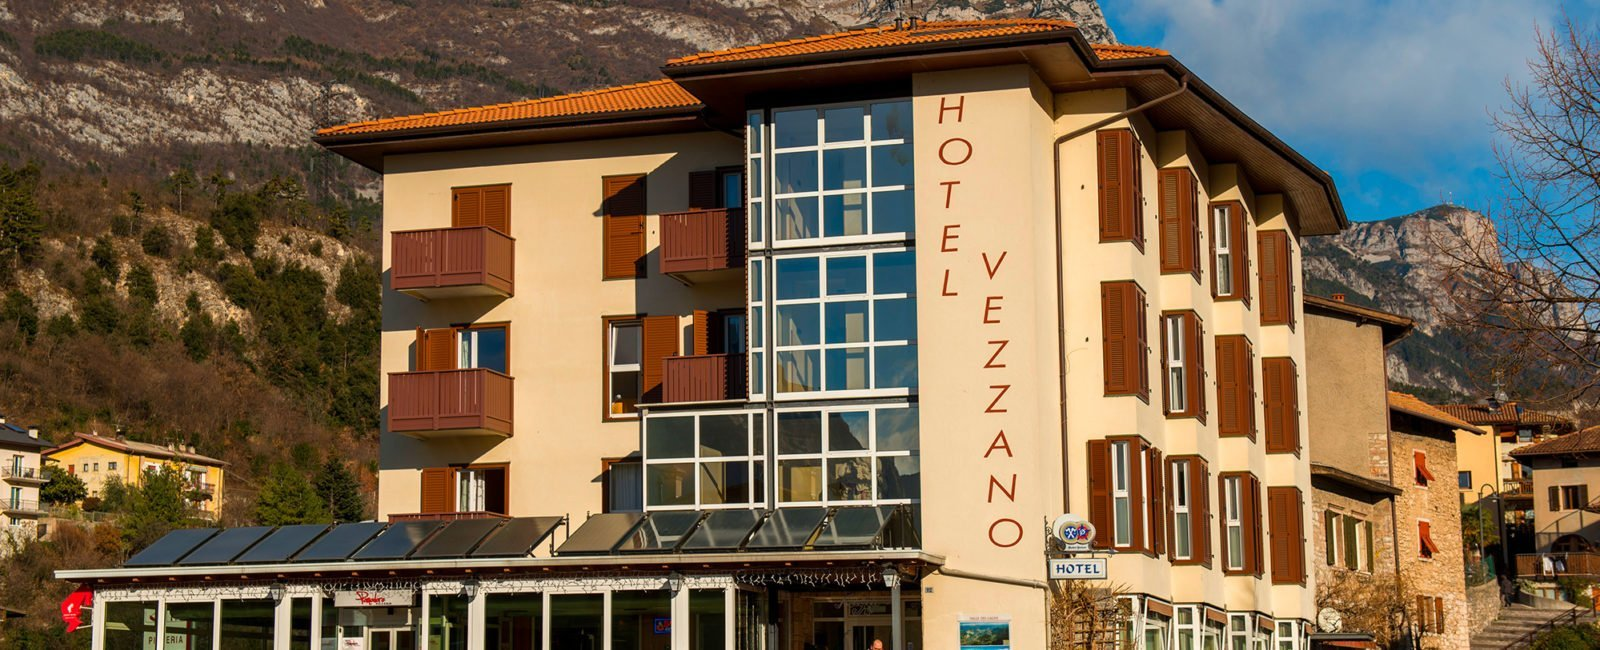 Hotel Vezzano nella Valle dei Laghi, per il tuo soggiorno in Trentino